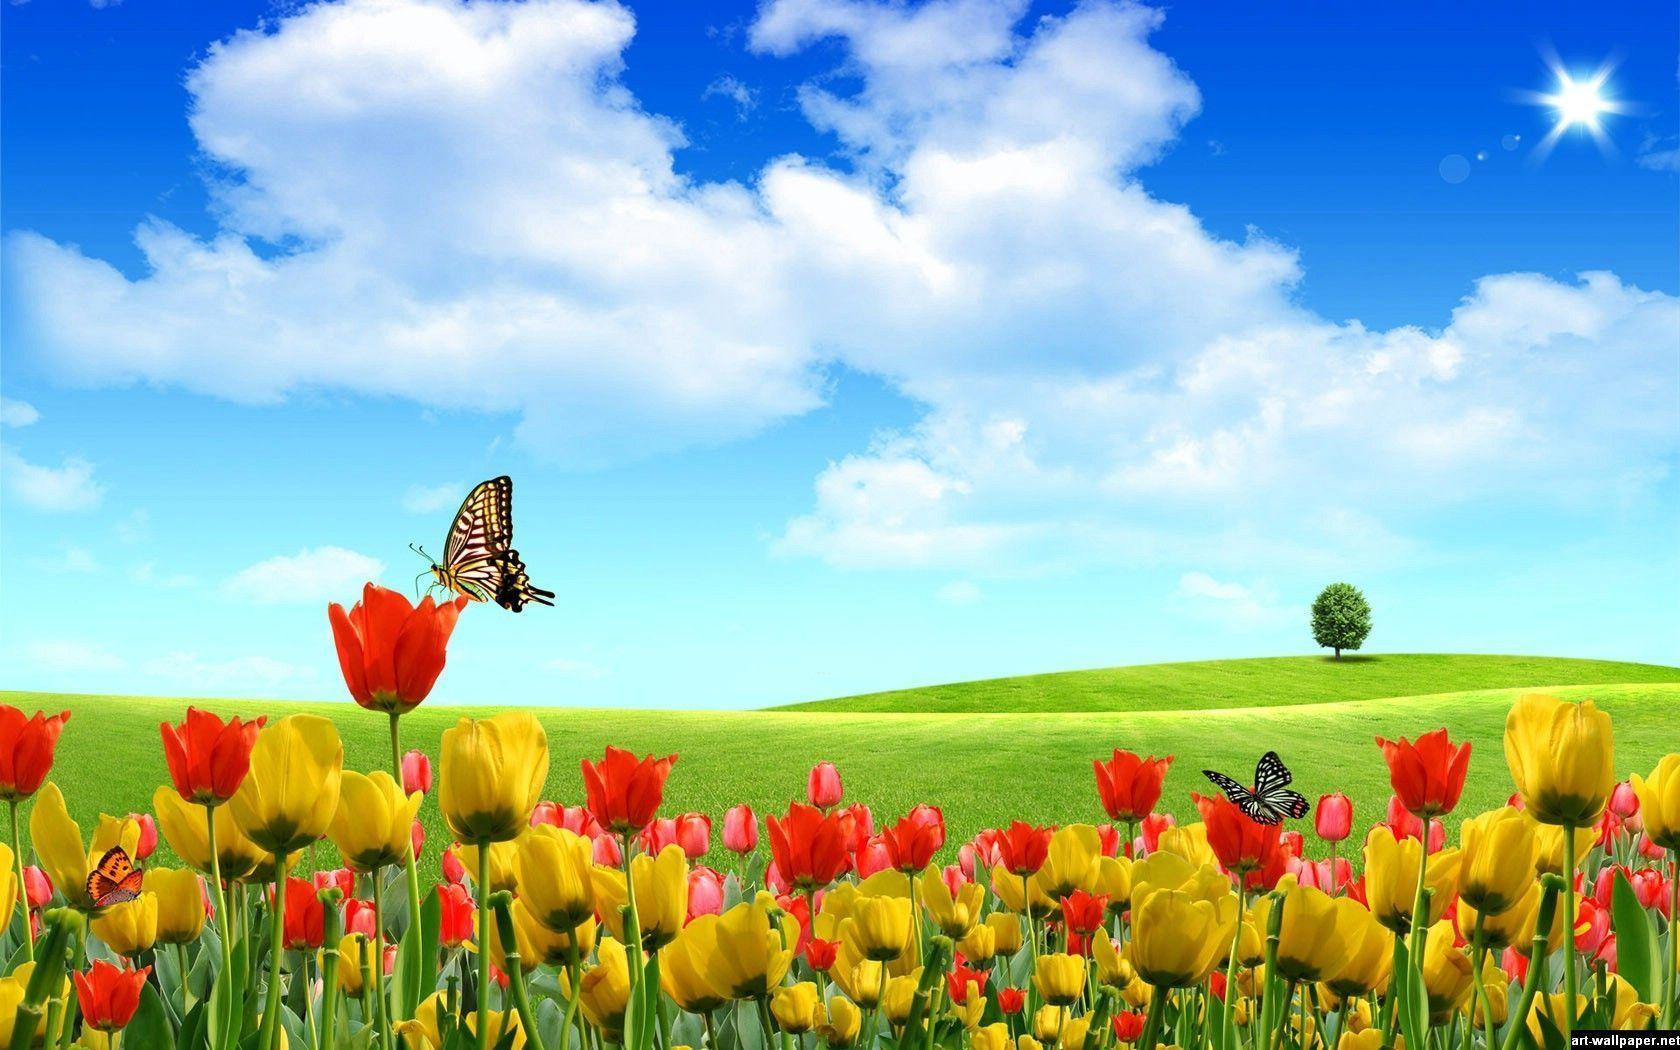 Full Hd Wallpapers 1080p Widescreen Nature Desktop Dwiky Shop Powered By Doodlekit